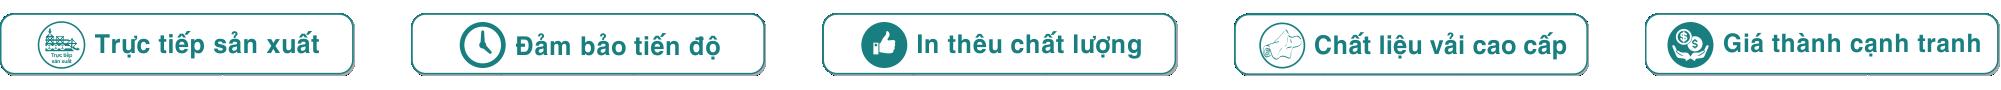 5phuongcham